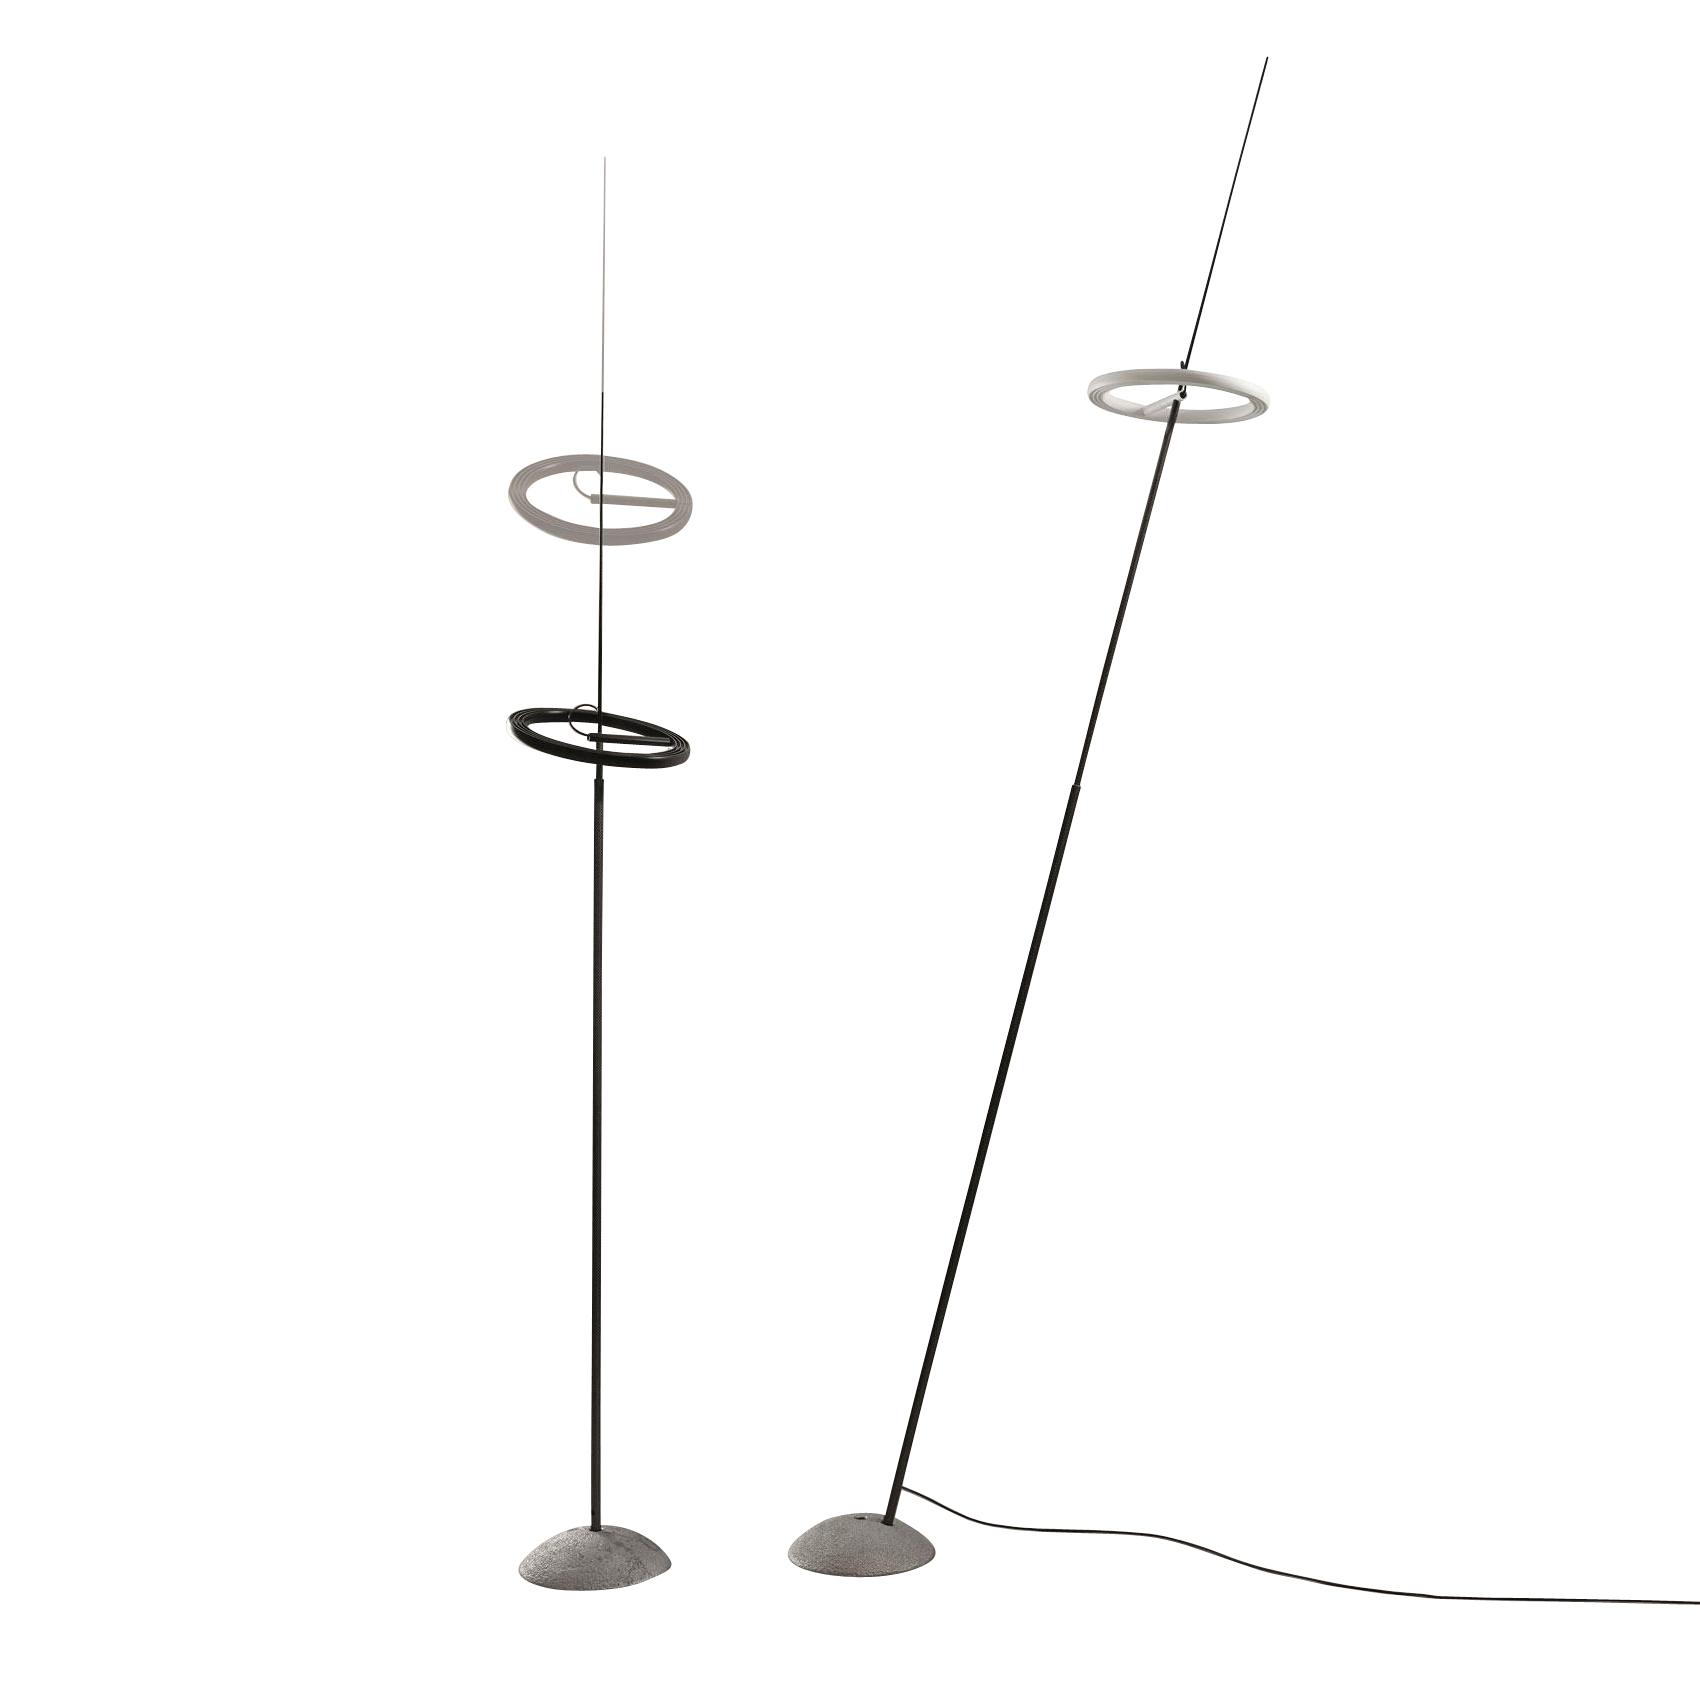 Ingo Maurer - Ringelpiez - Lampadaire LED - noir/support en fibre de carbone/H 150-200cm/2200 lm/3000 K/CRI 95